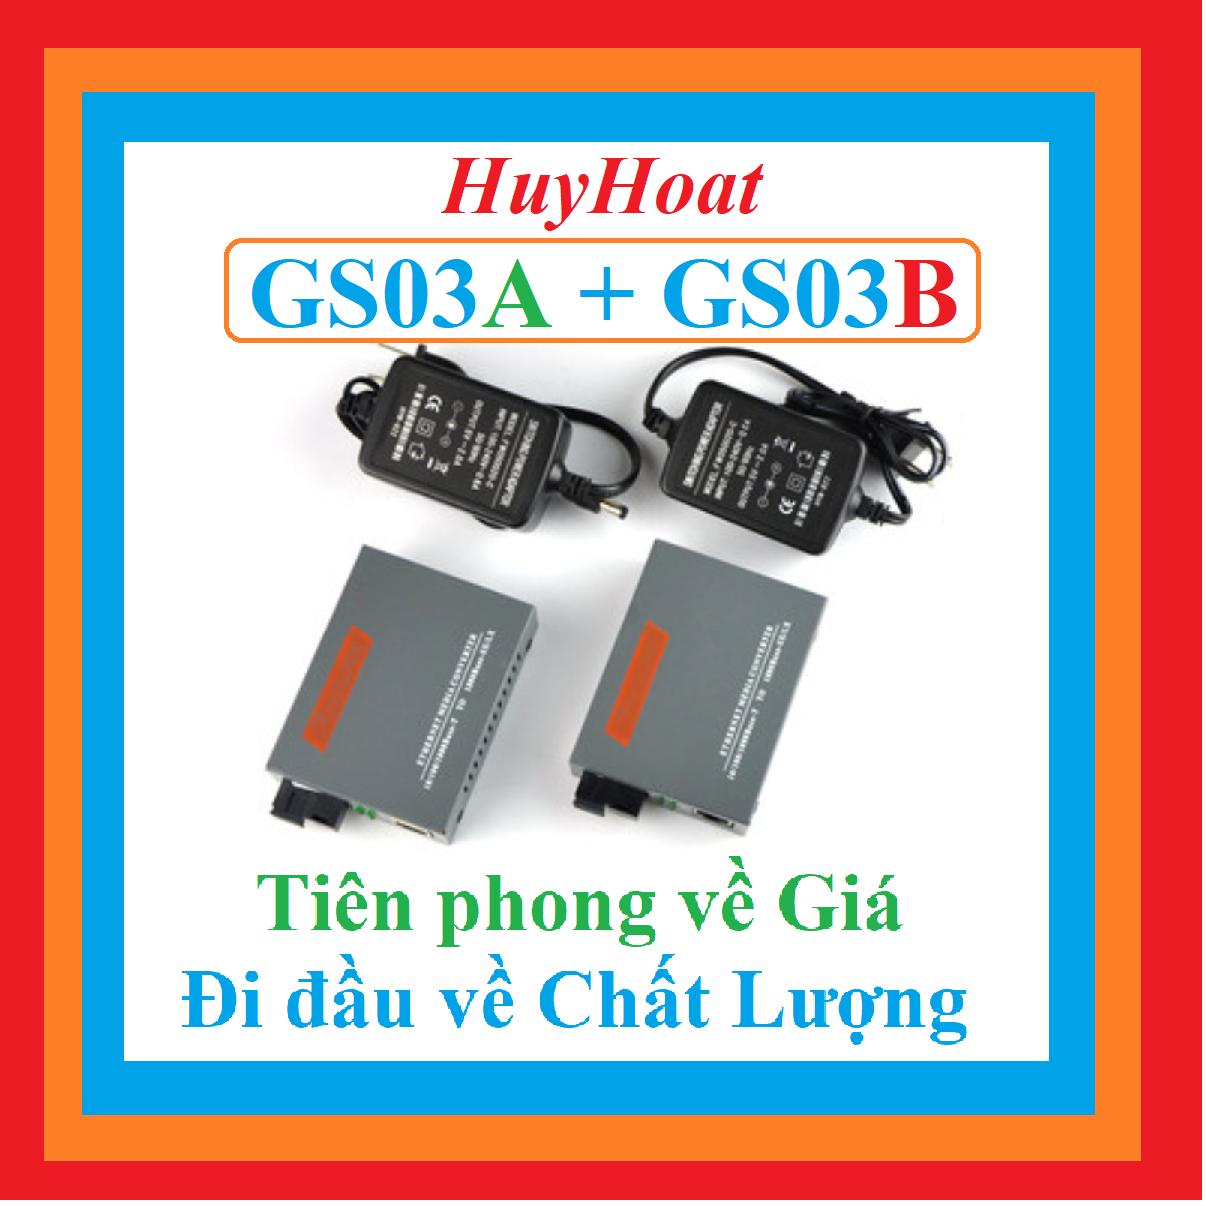 Bộ Chuyển Đổi Quang Điện Netlink HTB GS 03 AB tốc độ cao Gigabit 1000Mbps